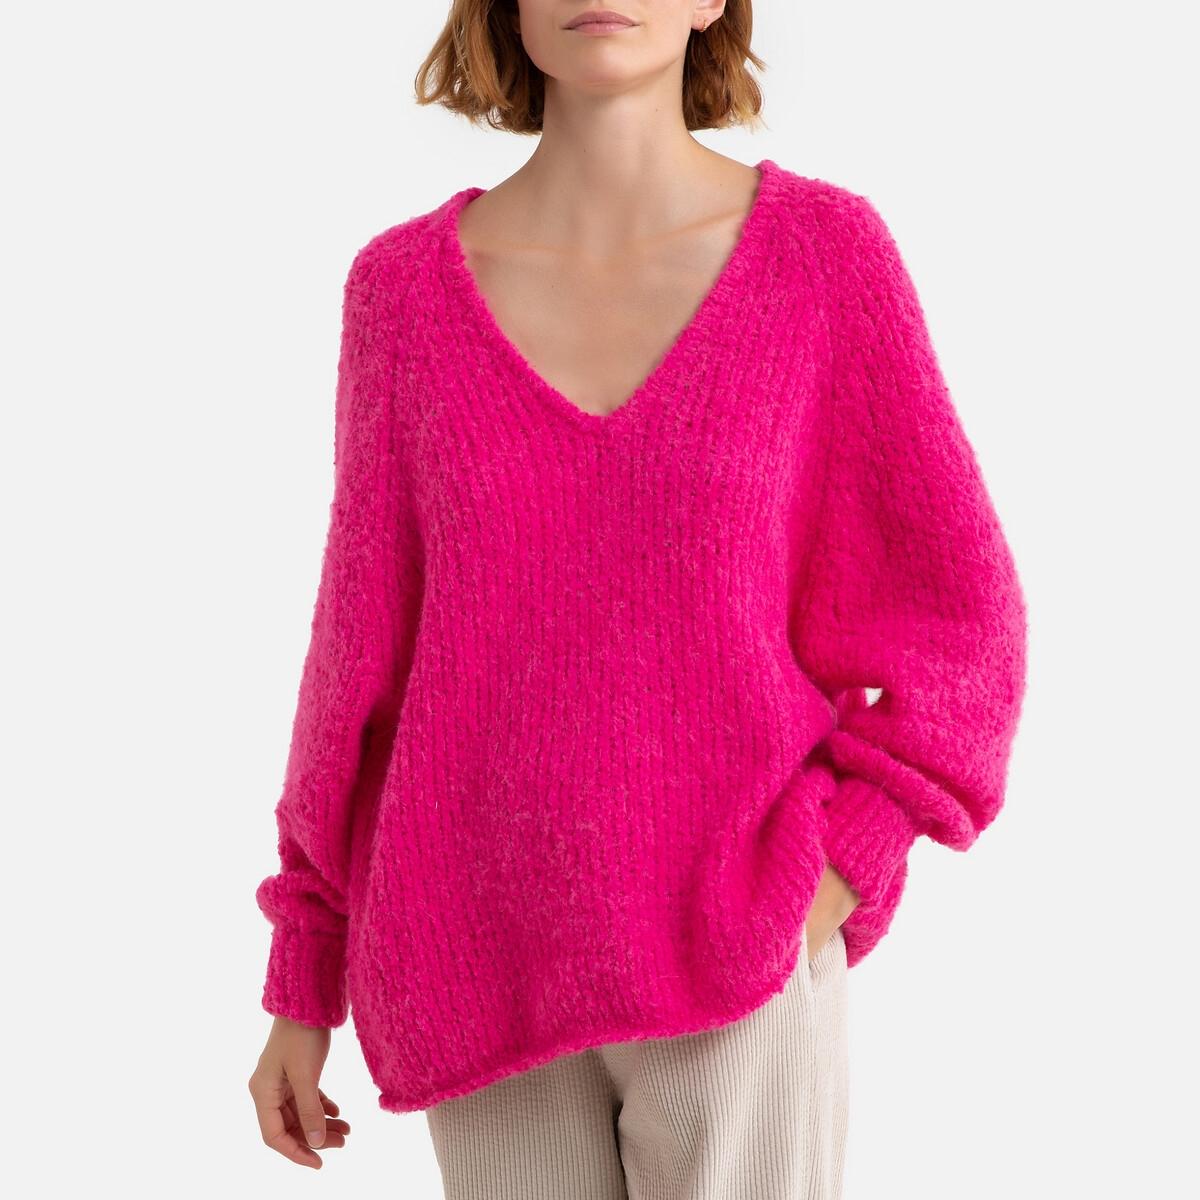 Фото - Пуловер La Redoute С V-образным вырезом из тонкого трикотажа TUDBURY M розовый пуловер la redoute с v образным вырезом из тонкого трикотажа florestine 2 m серый